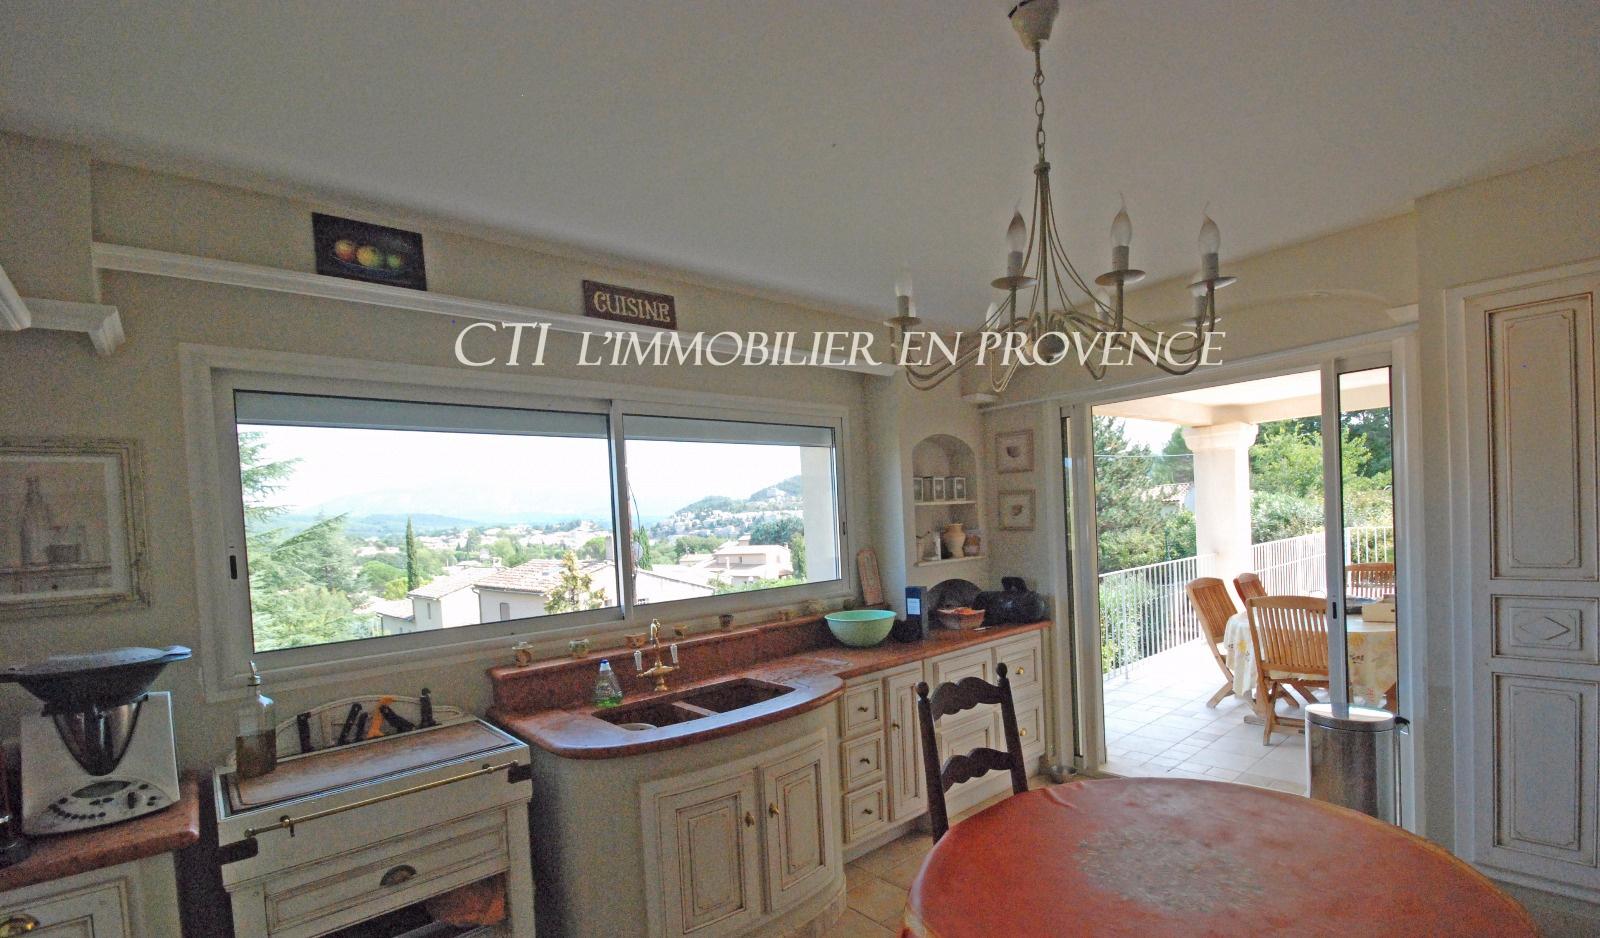 0 www.cti-provence.net MAISON D'ARCHITECTE-VILLA VUE MONT VENTOUX VAISON-LA-ROMAINE JARDIN PISCINE